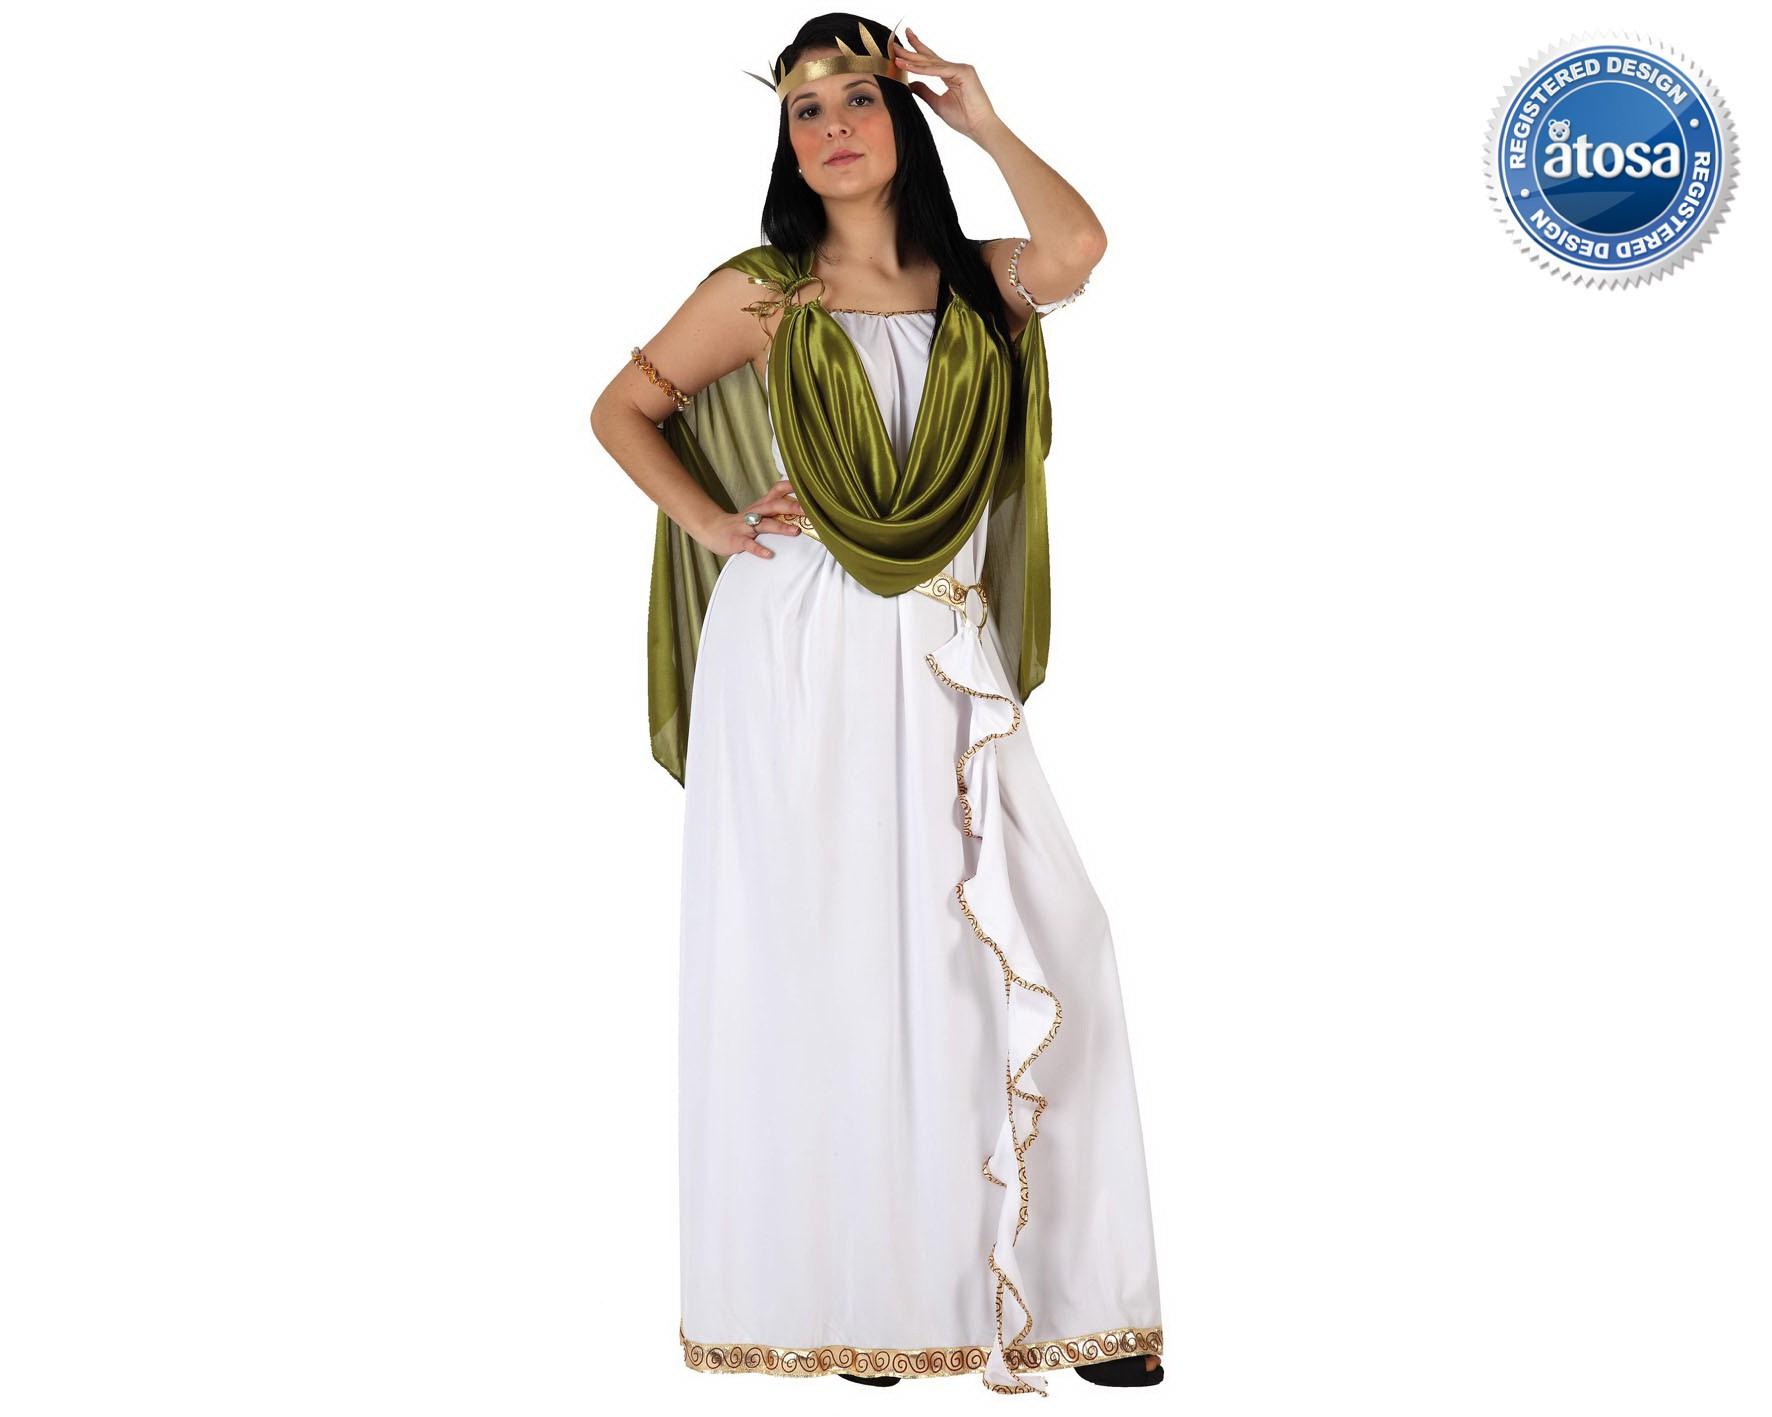 roemerin kostüm und bild